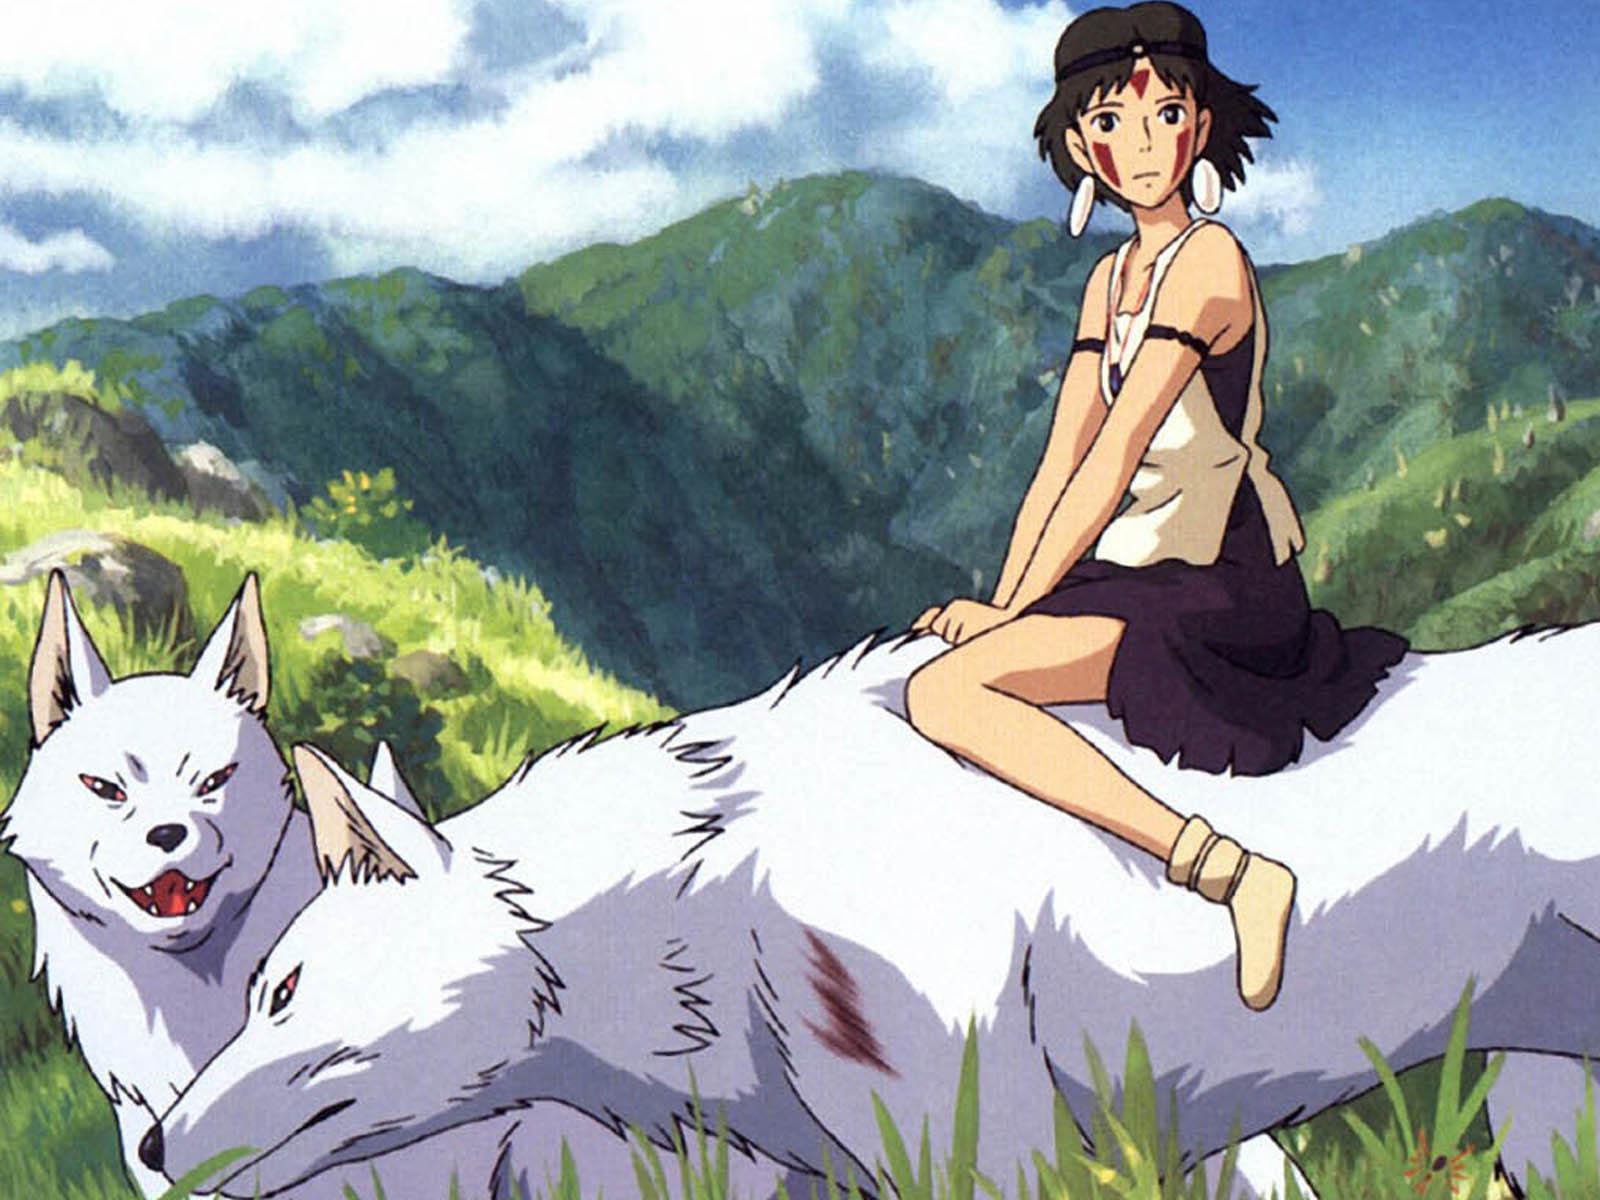 Hayao Miyazaki confirma lepra como inspiración para La Princesa Mononoke